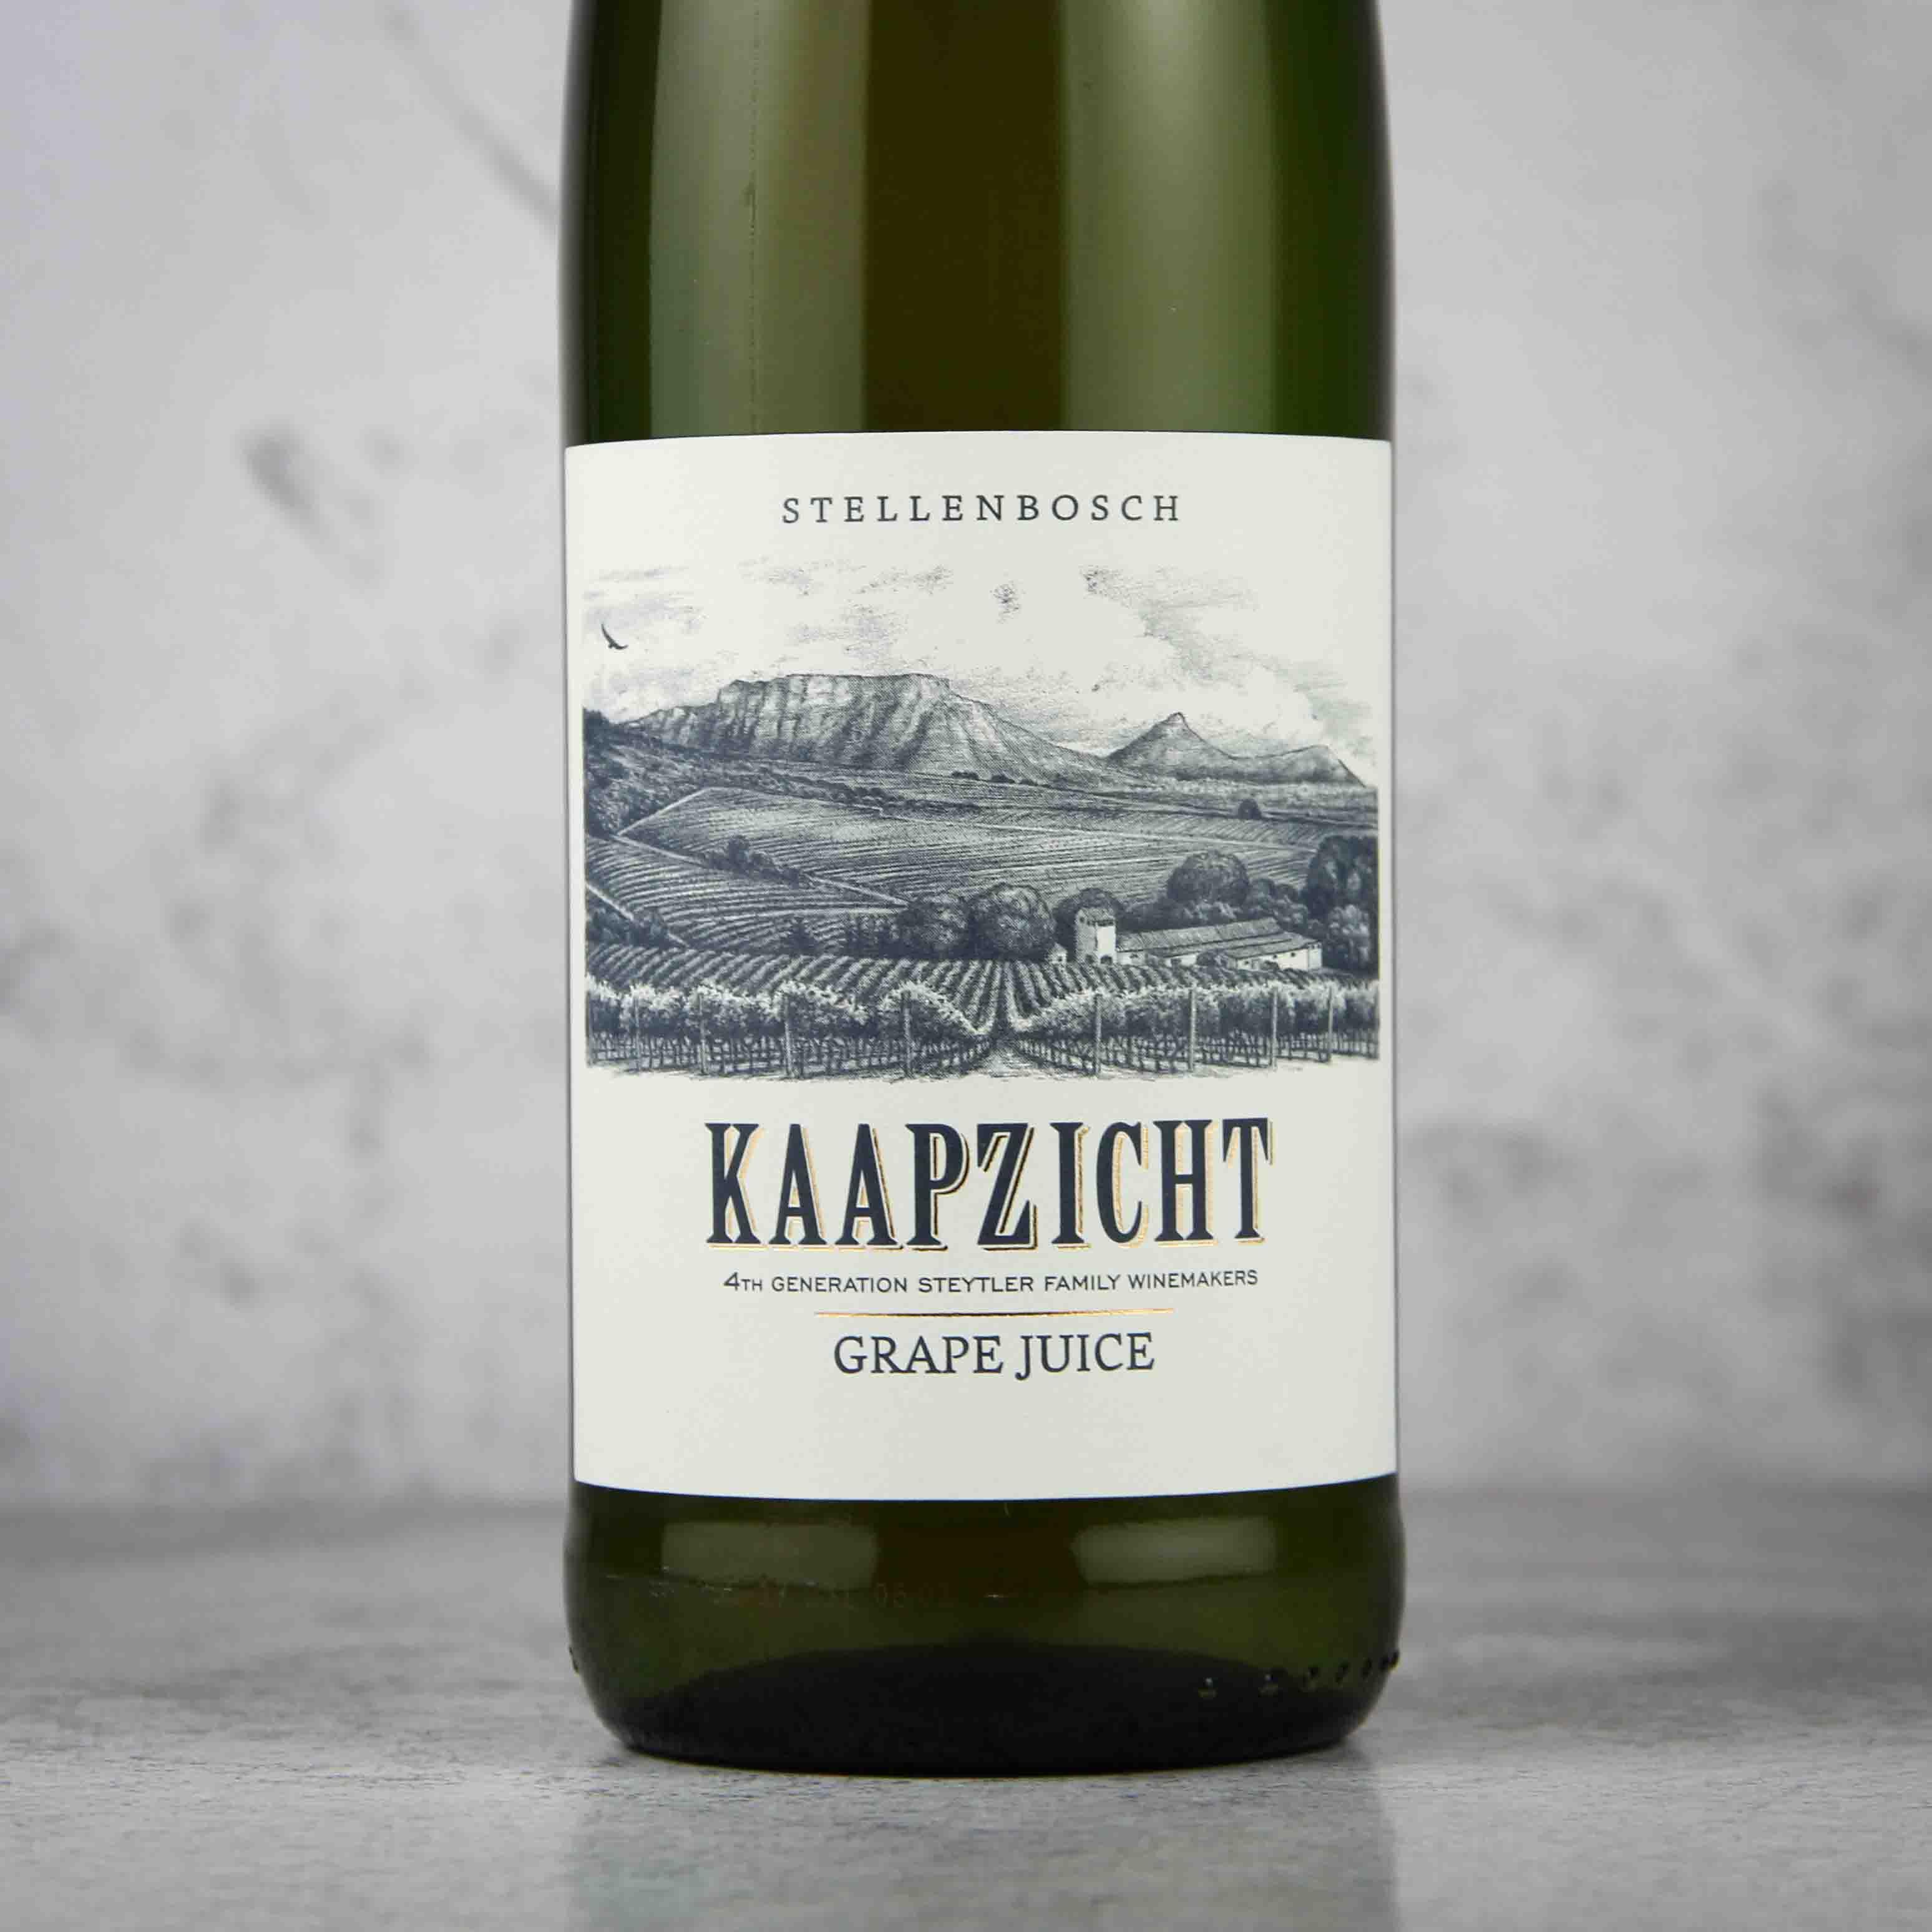 南非斯泰伦博斯桌山庄园葡萄汁